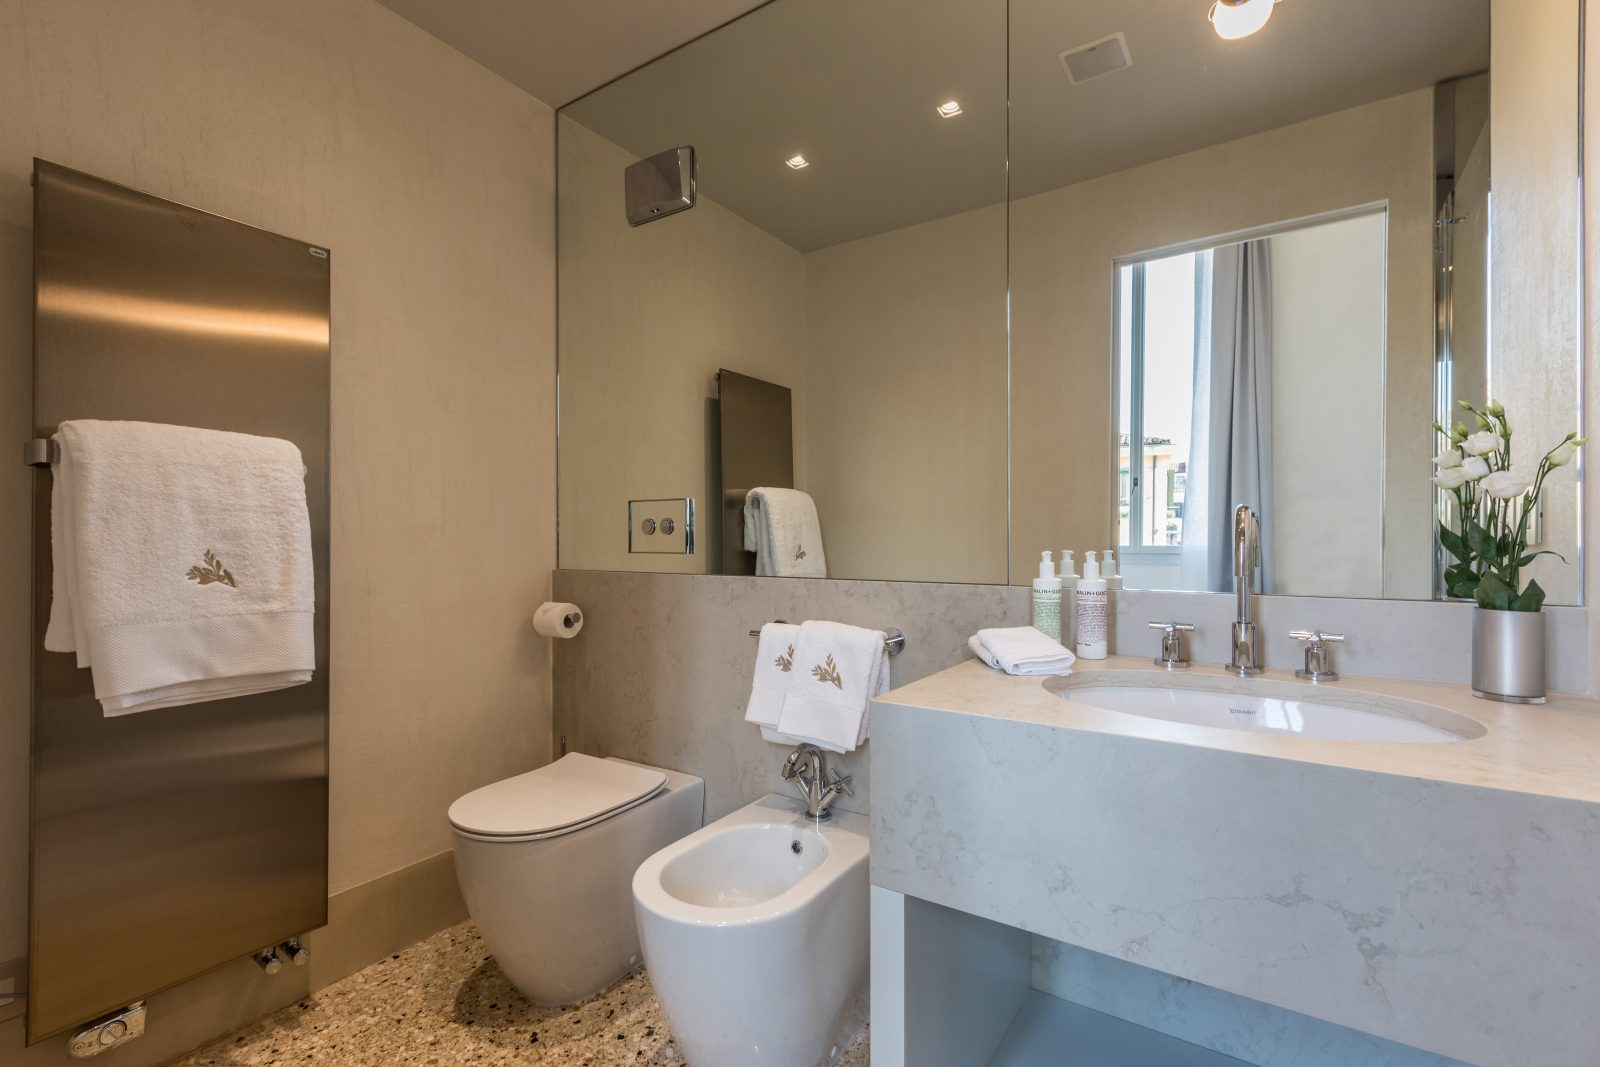 bagno-appartamento-anice-lavandino-venezia-palazzo-morosini-dettaglio-fiori-specchio